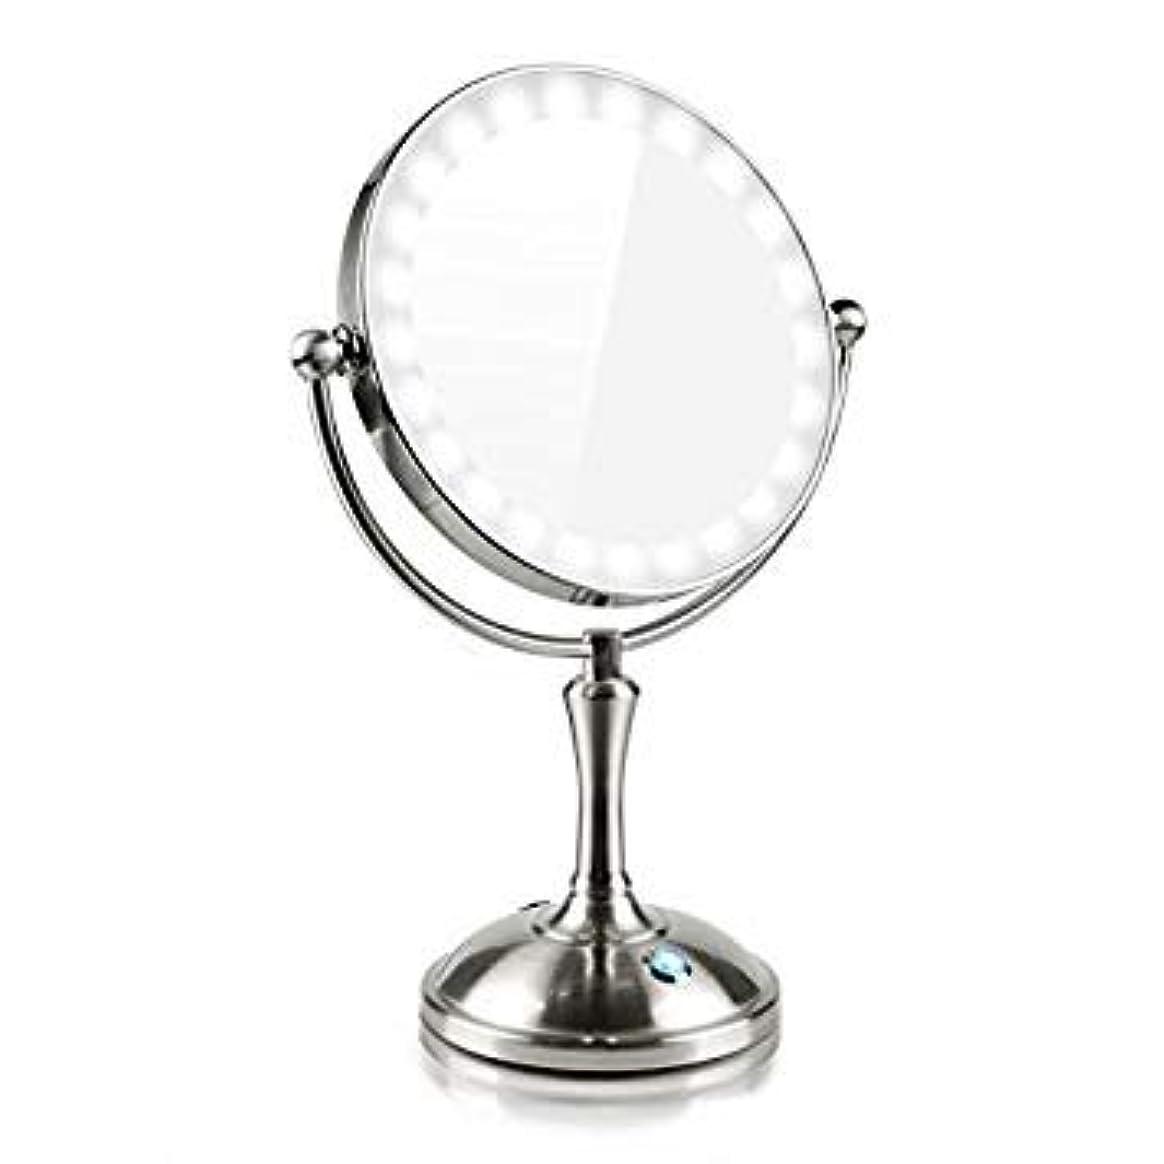 カフェテリア悲劇的な大学生化粧鏡 LEDの両面鏡 7倍拡大鏡 360度回転 卓上鏡 スタンドミラー メイク 化粧道具 有線ワイヤレスミラーライト タッチ制御で調光 USB/電池給電